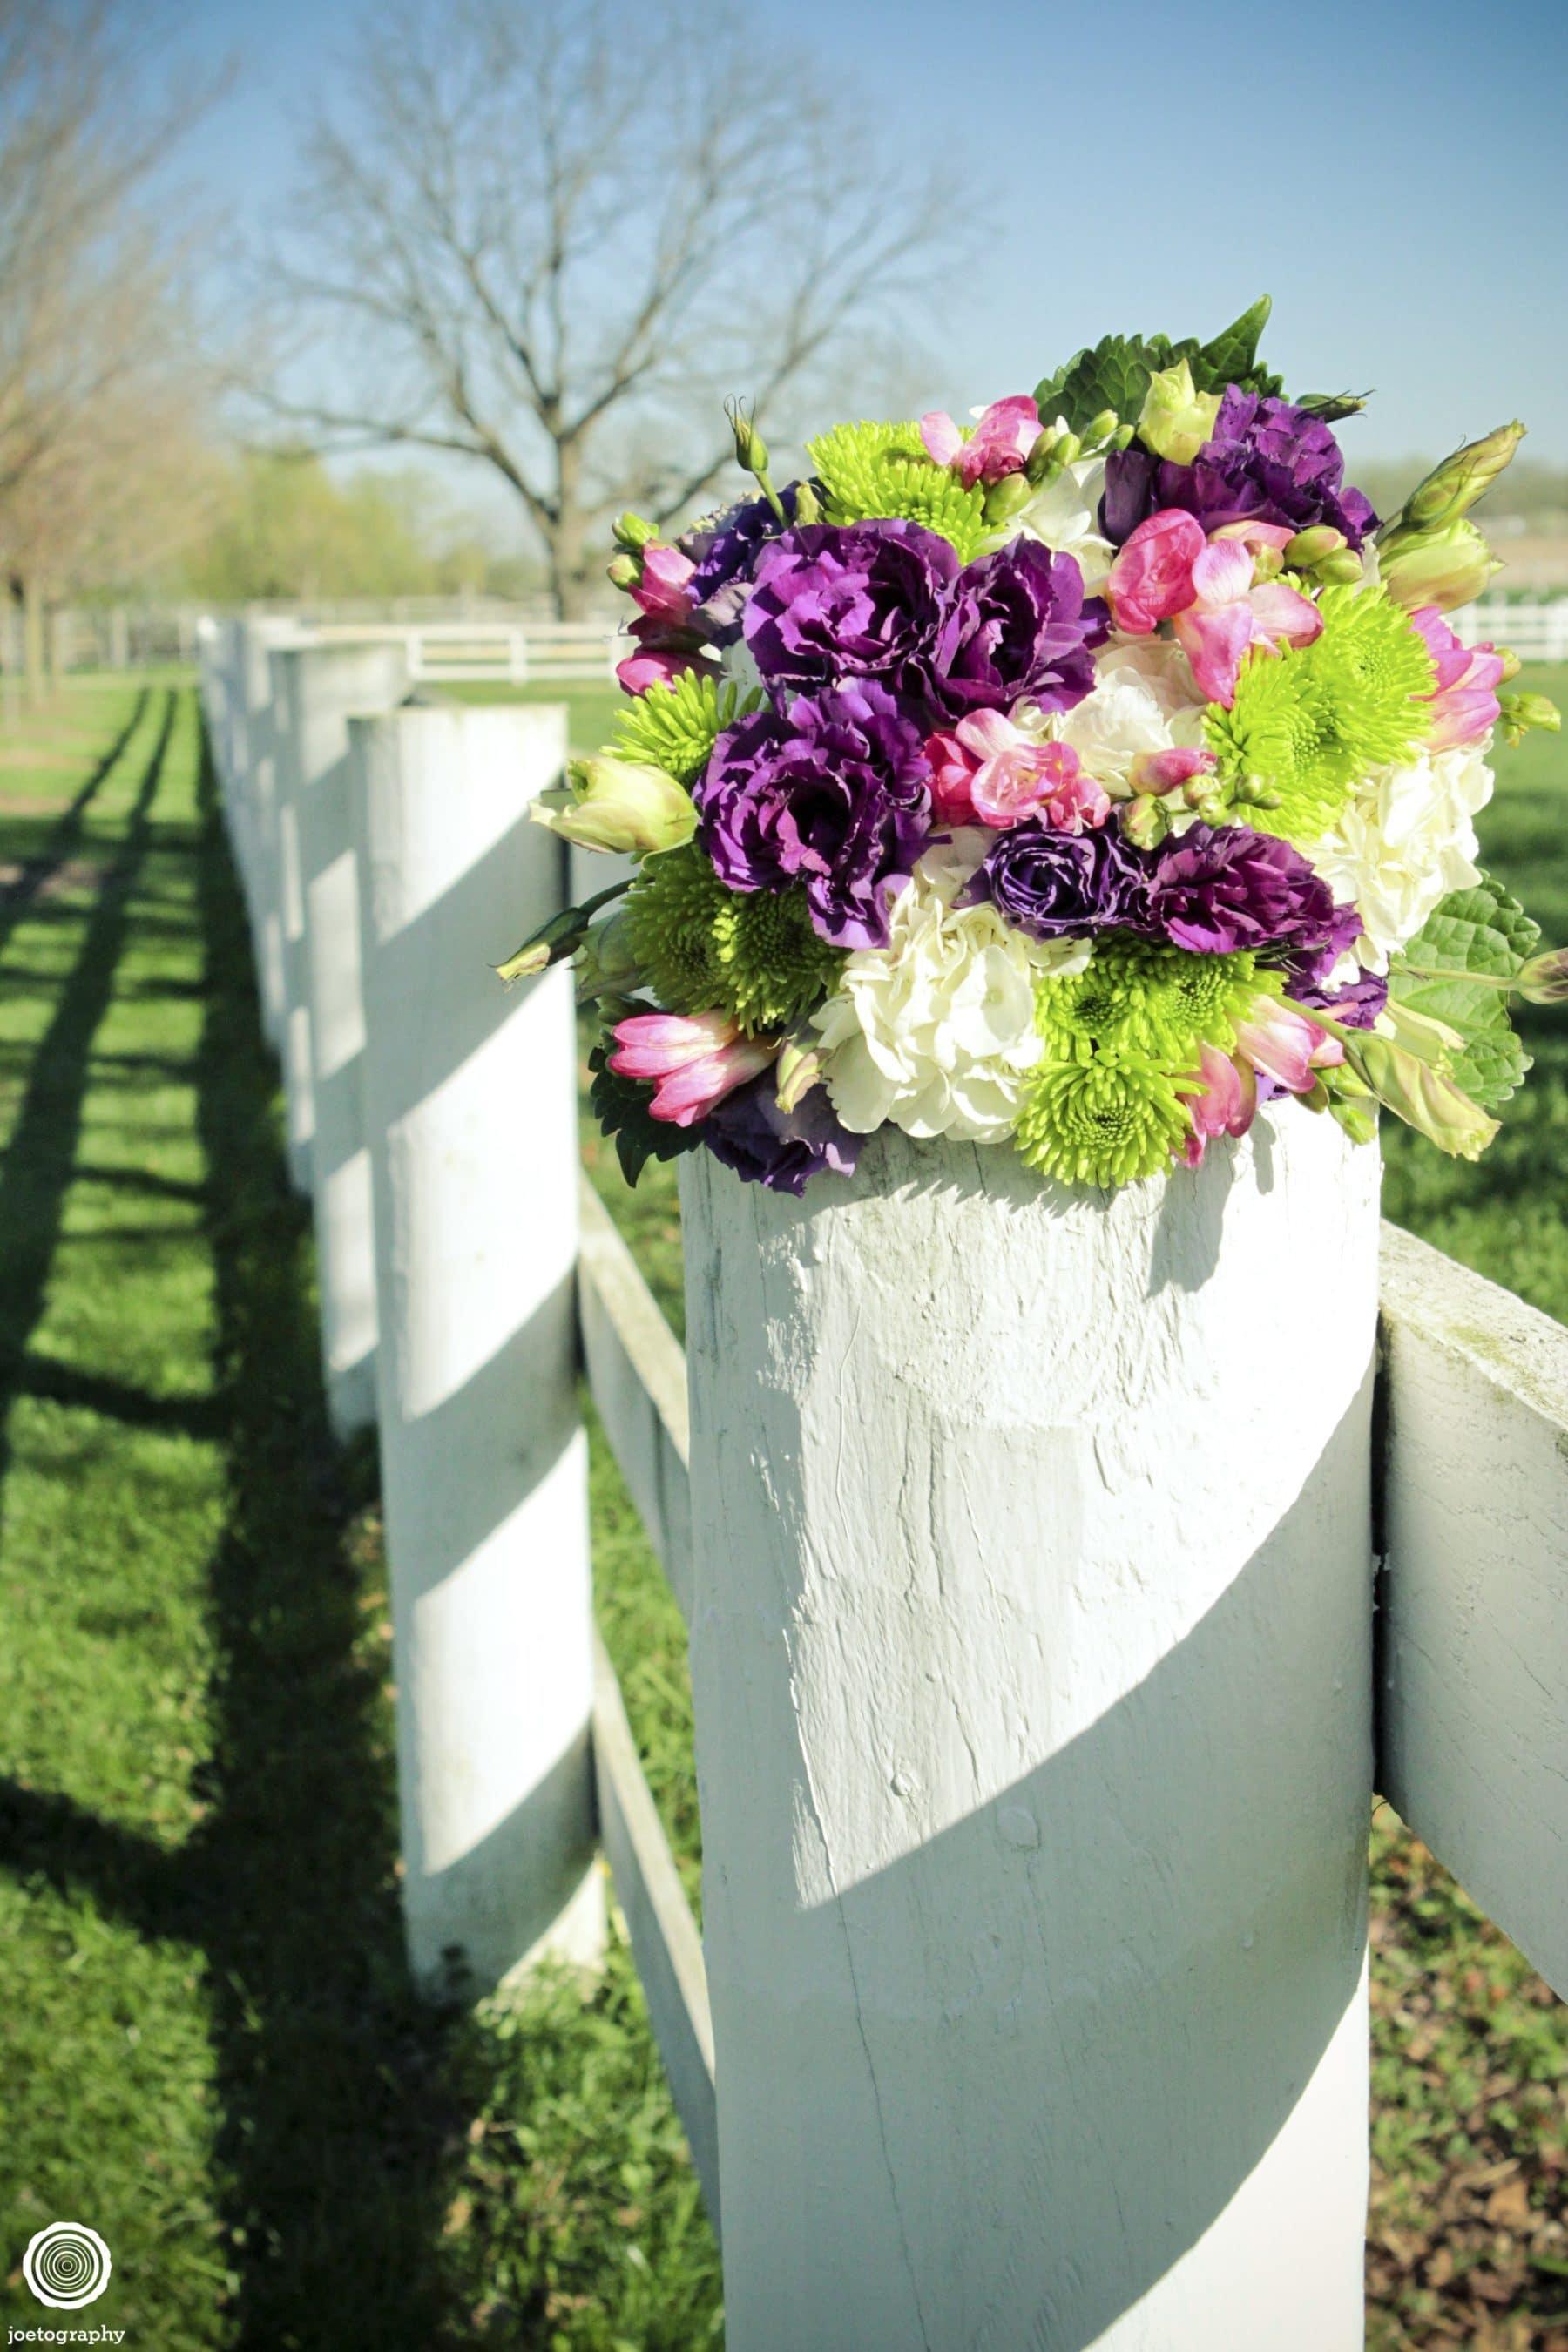 Beedles-Wedding-Photos-Naperville-Illinois-182